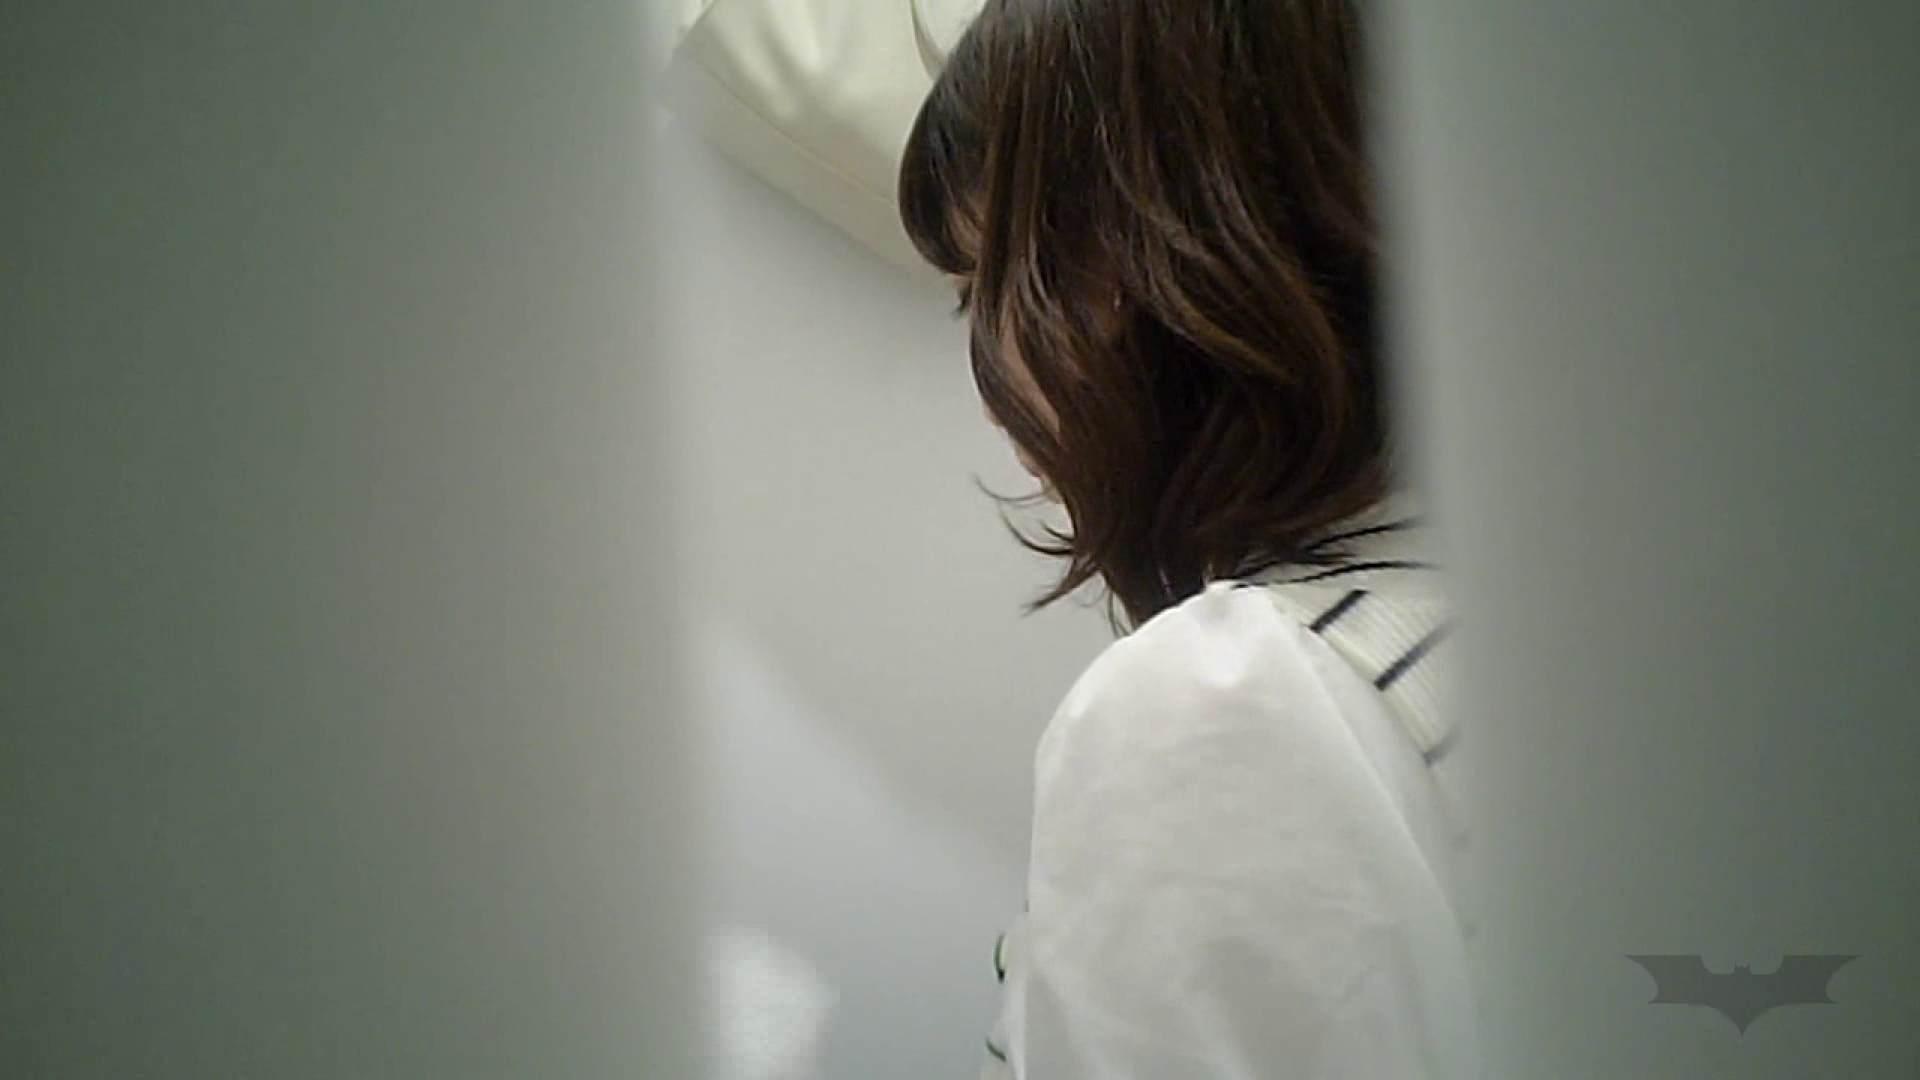 有名大学女性洗面所 vol.37 ついでにアンダーヘアーの状態確認ですね。 投稿 のぞき 93PIX 20